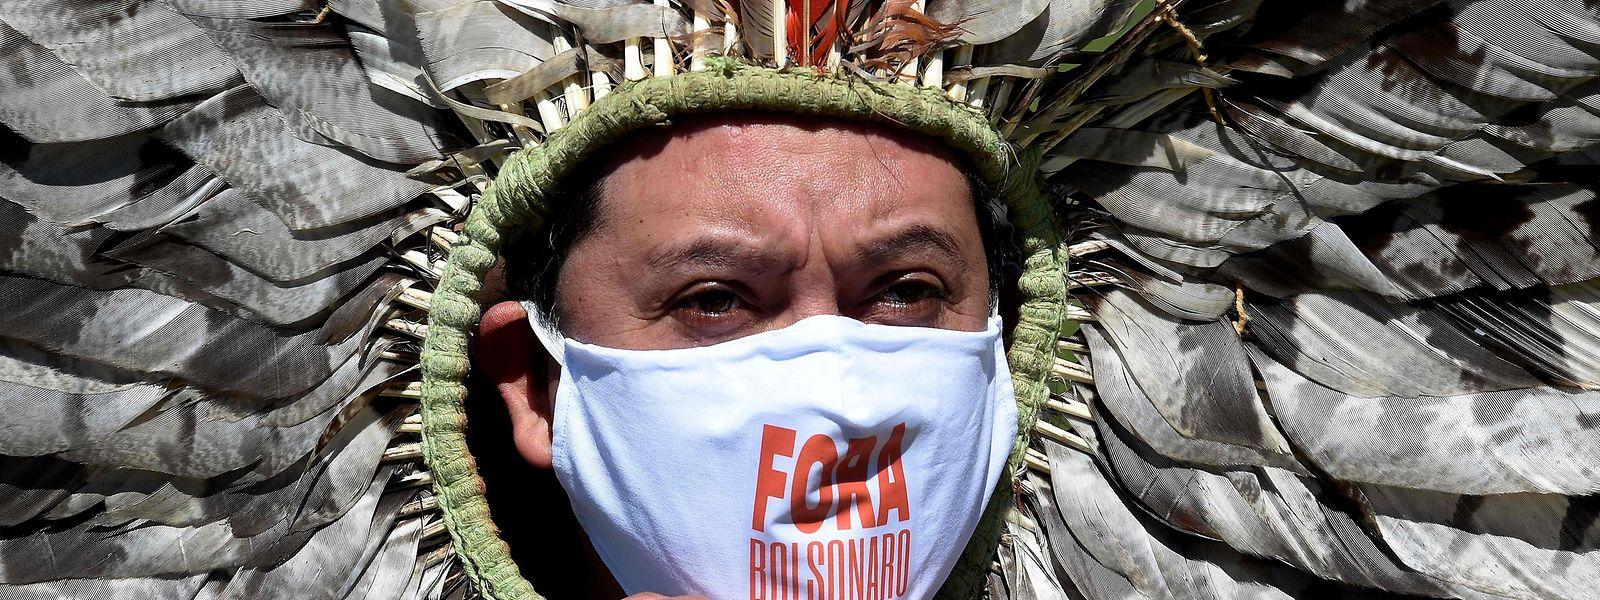 Indigene Völker fordern die Absetzung von Bolsonaro.